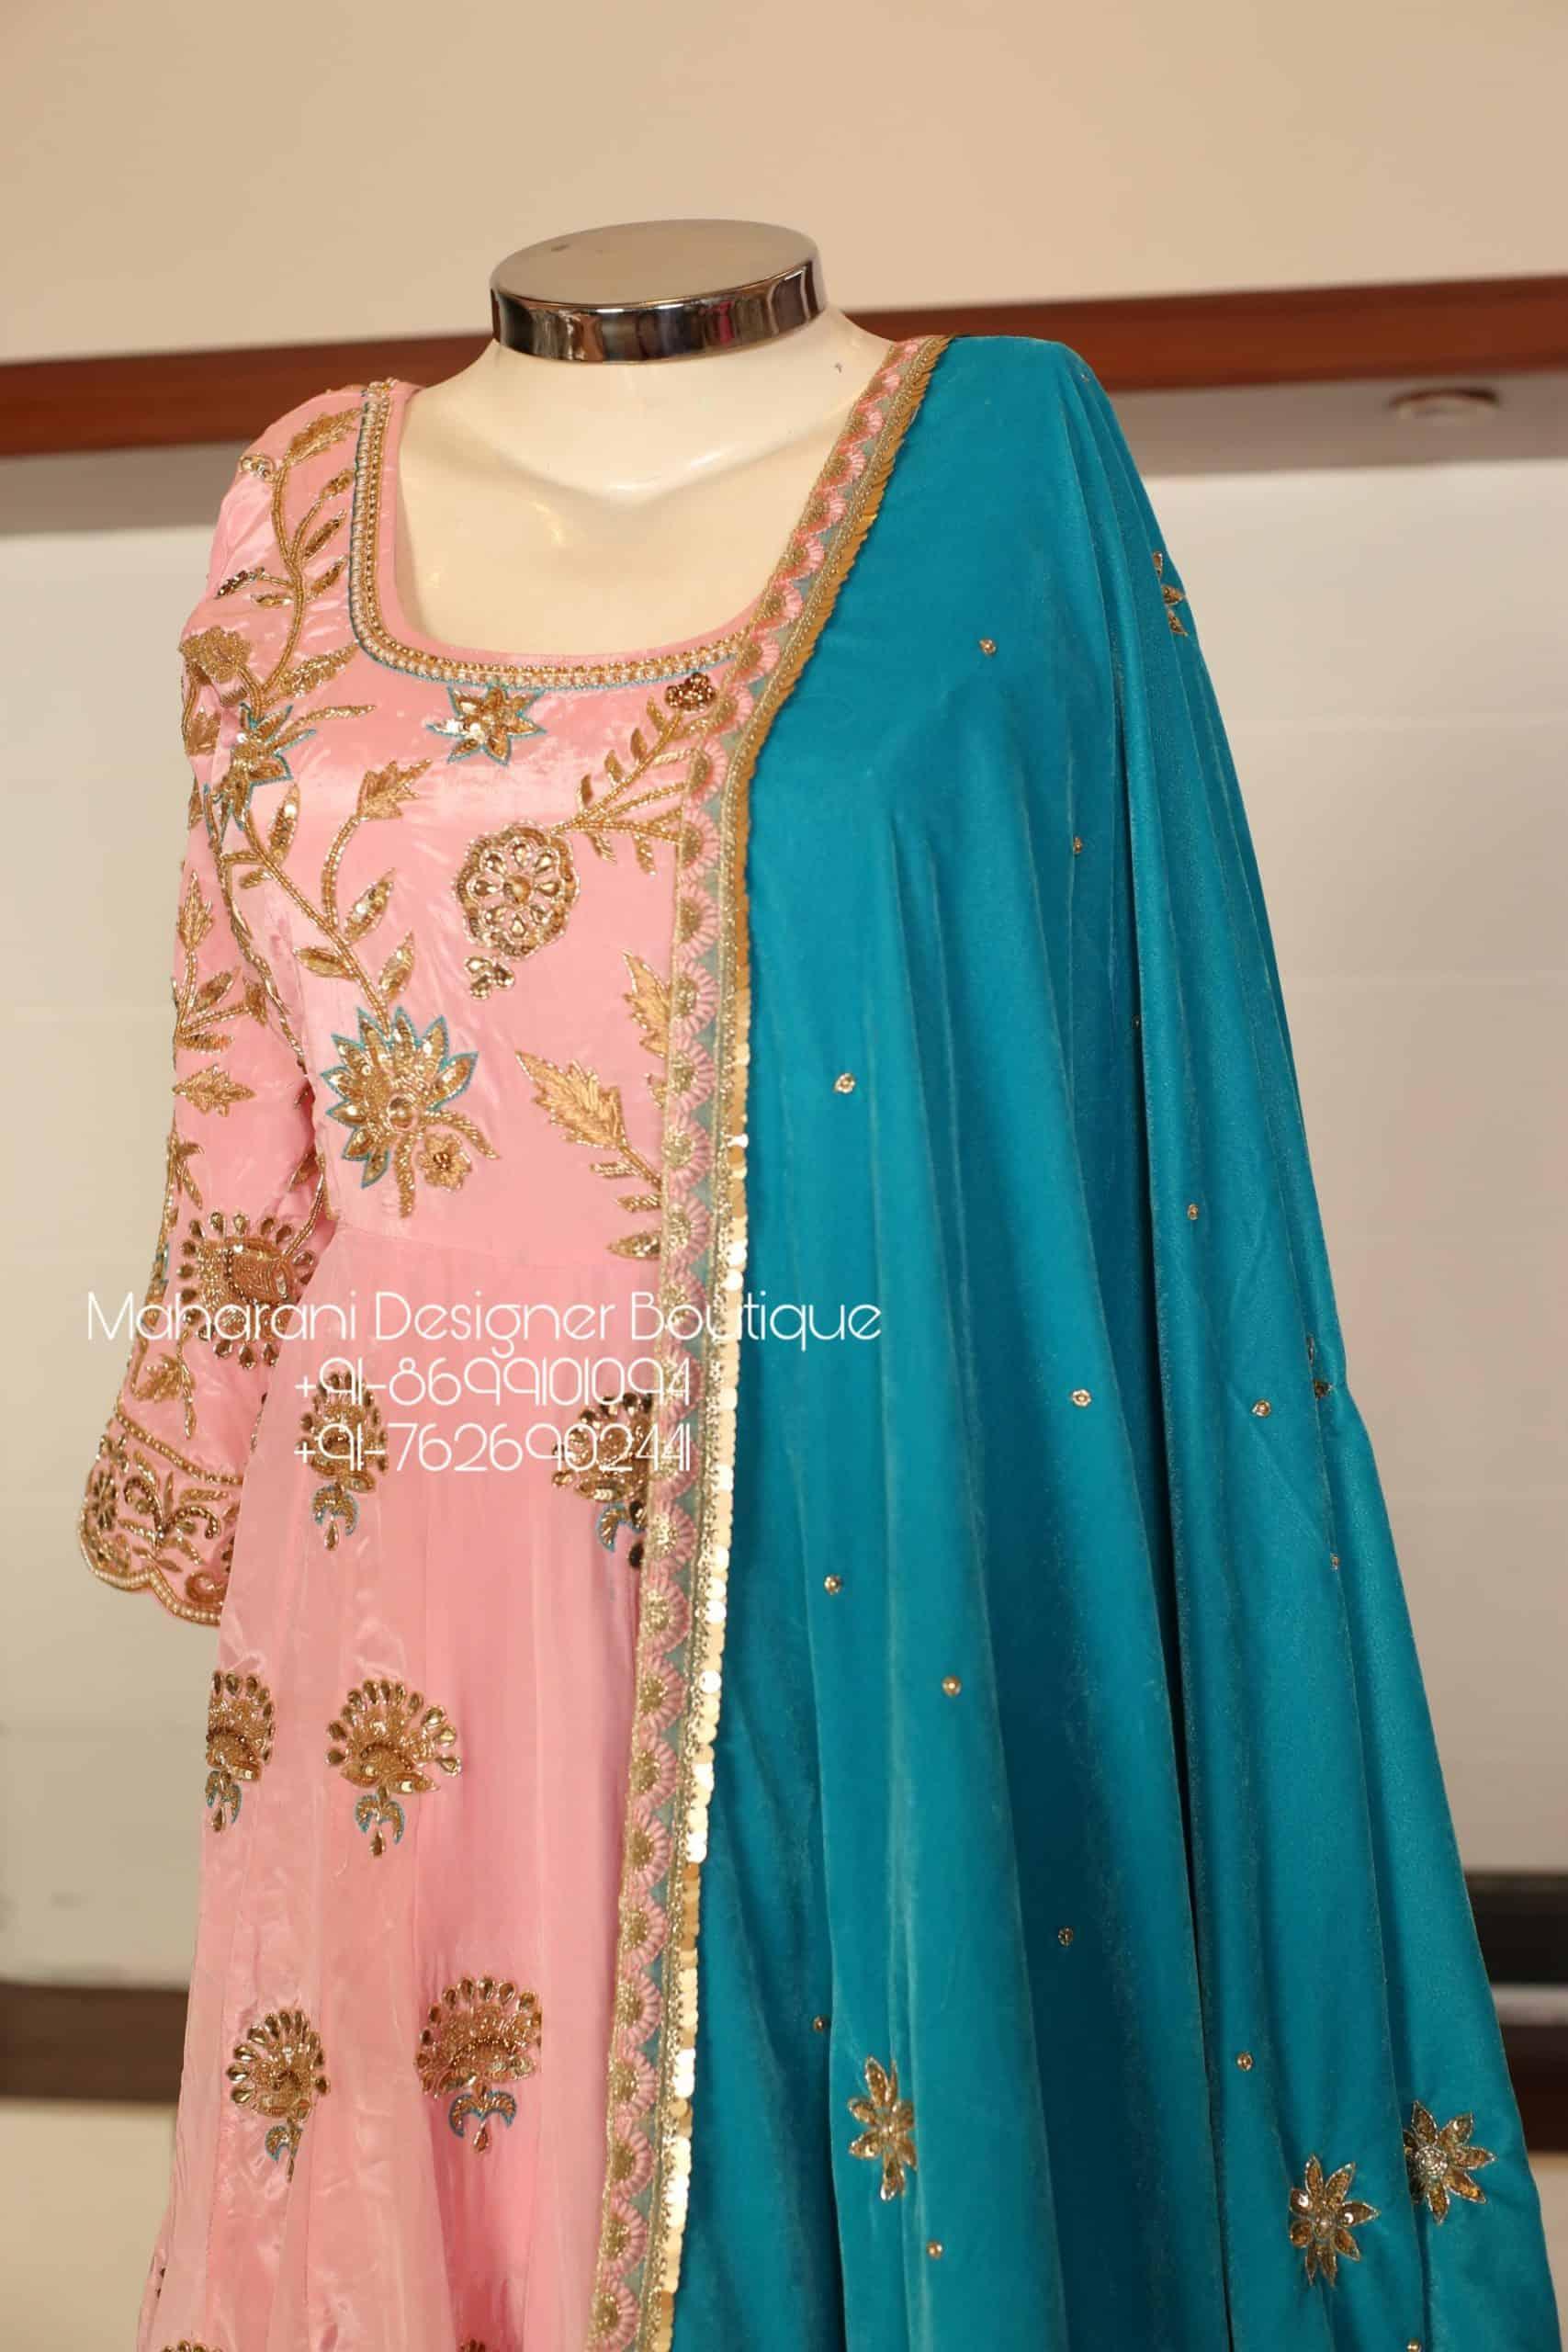 Embroidered Salwar Suits Online Maharani Designer Boutique